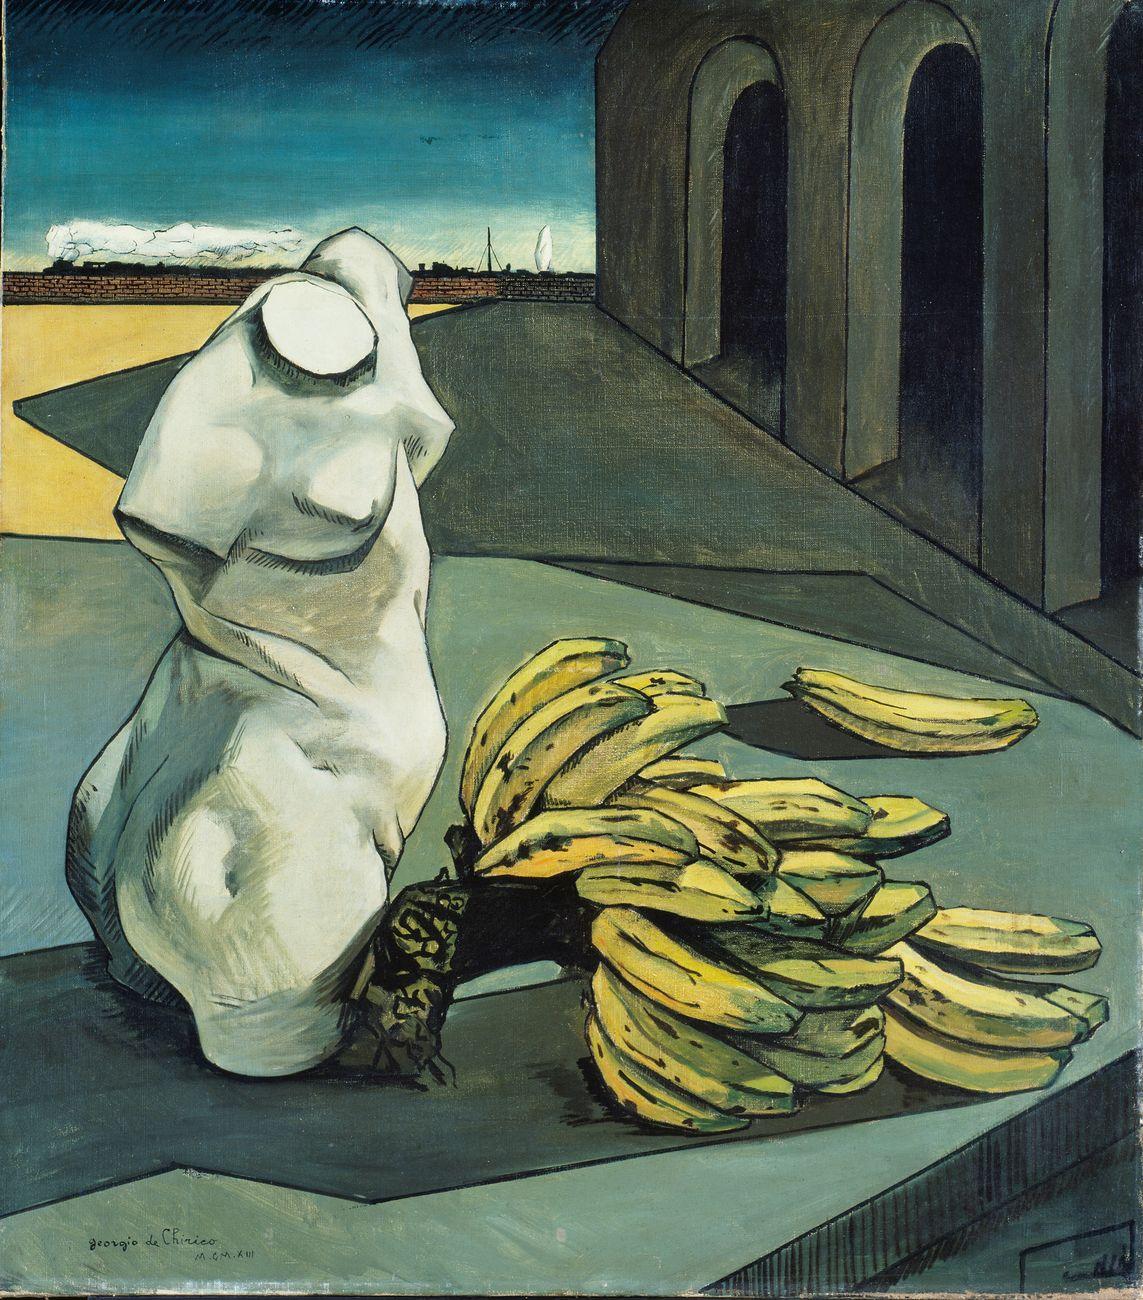 Giorgio de Chirico, L'incertezza del poeta, 1913. Londra, Tate Modern © Tate, London 2018 © Giorgio de Chirico by SIAE 2019